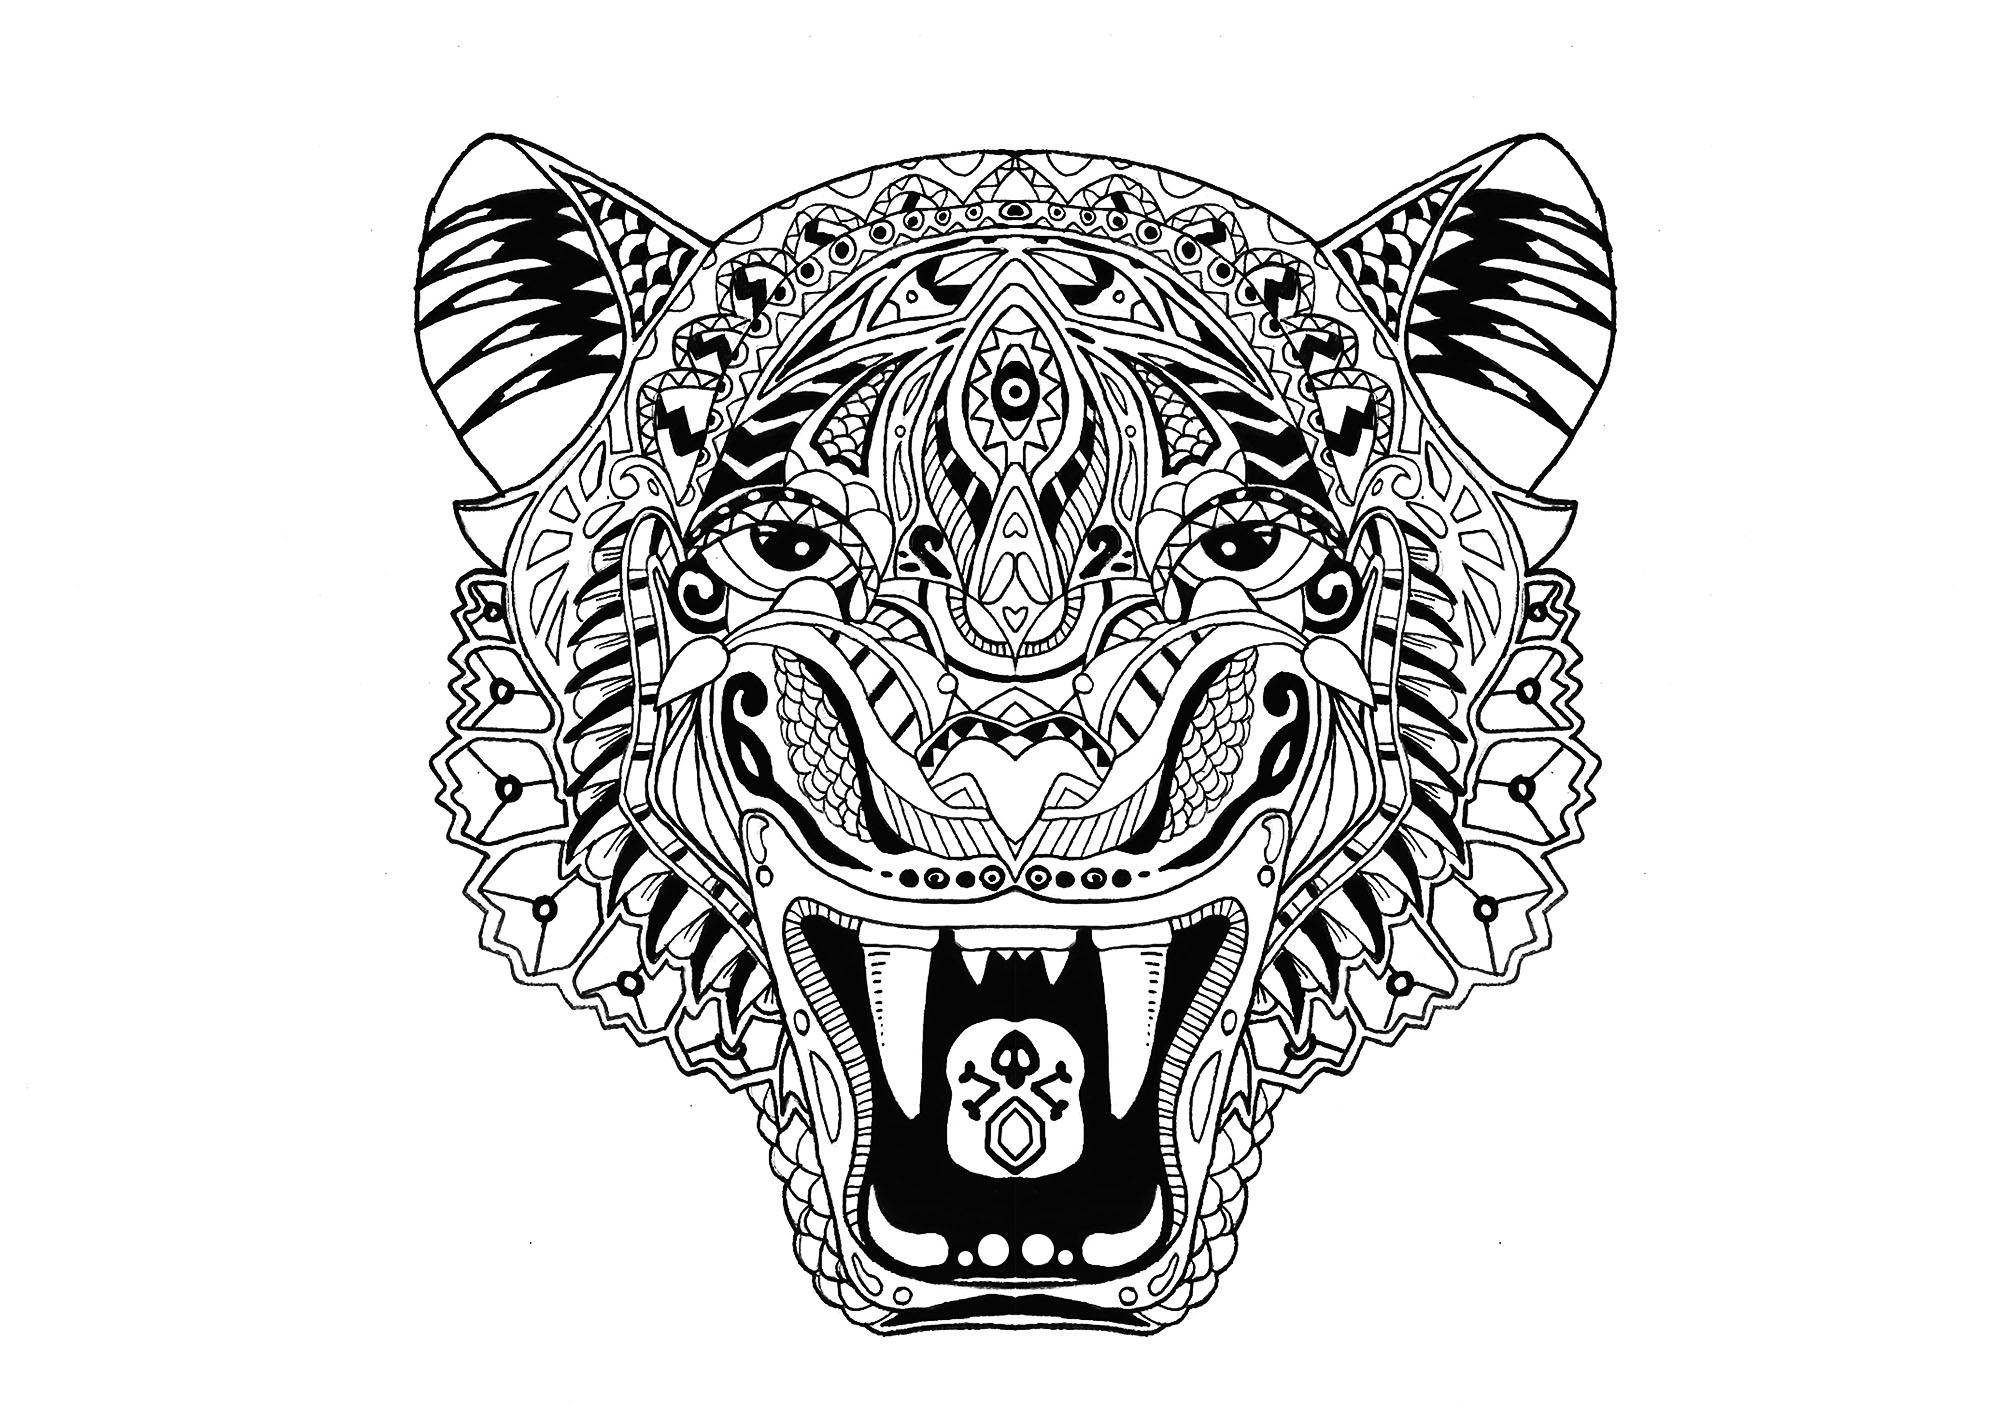 Animali disegni da colorare per adulti for Disegni di lupi da colorare